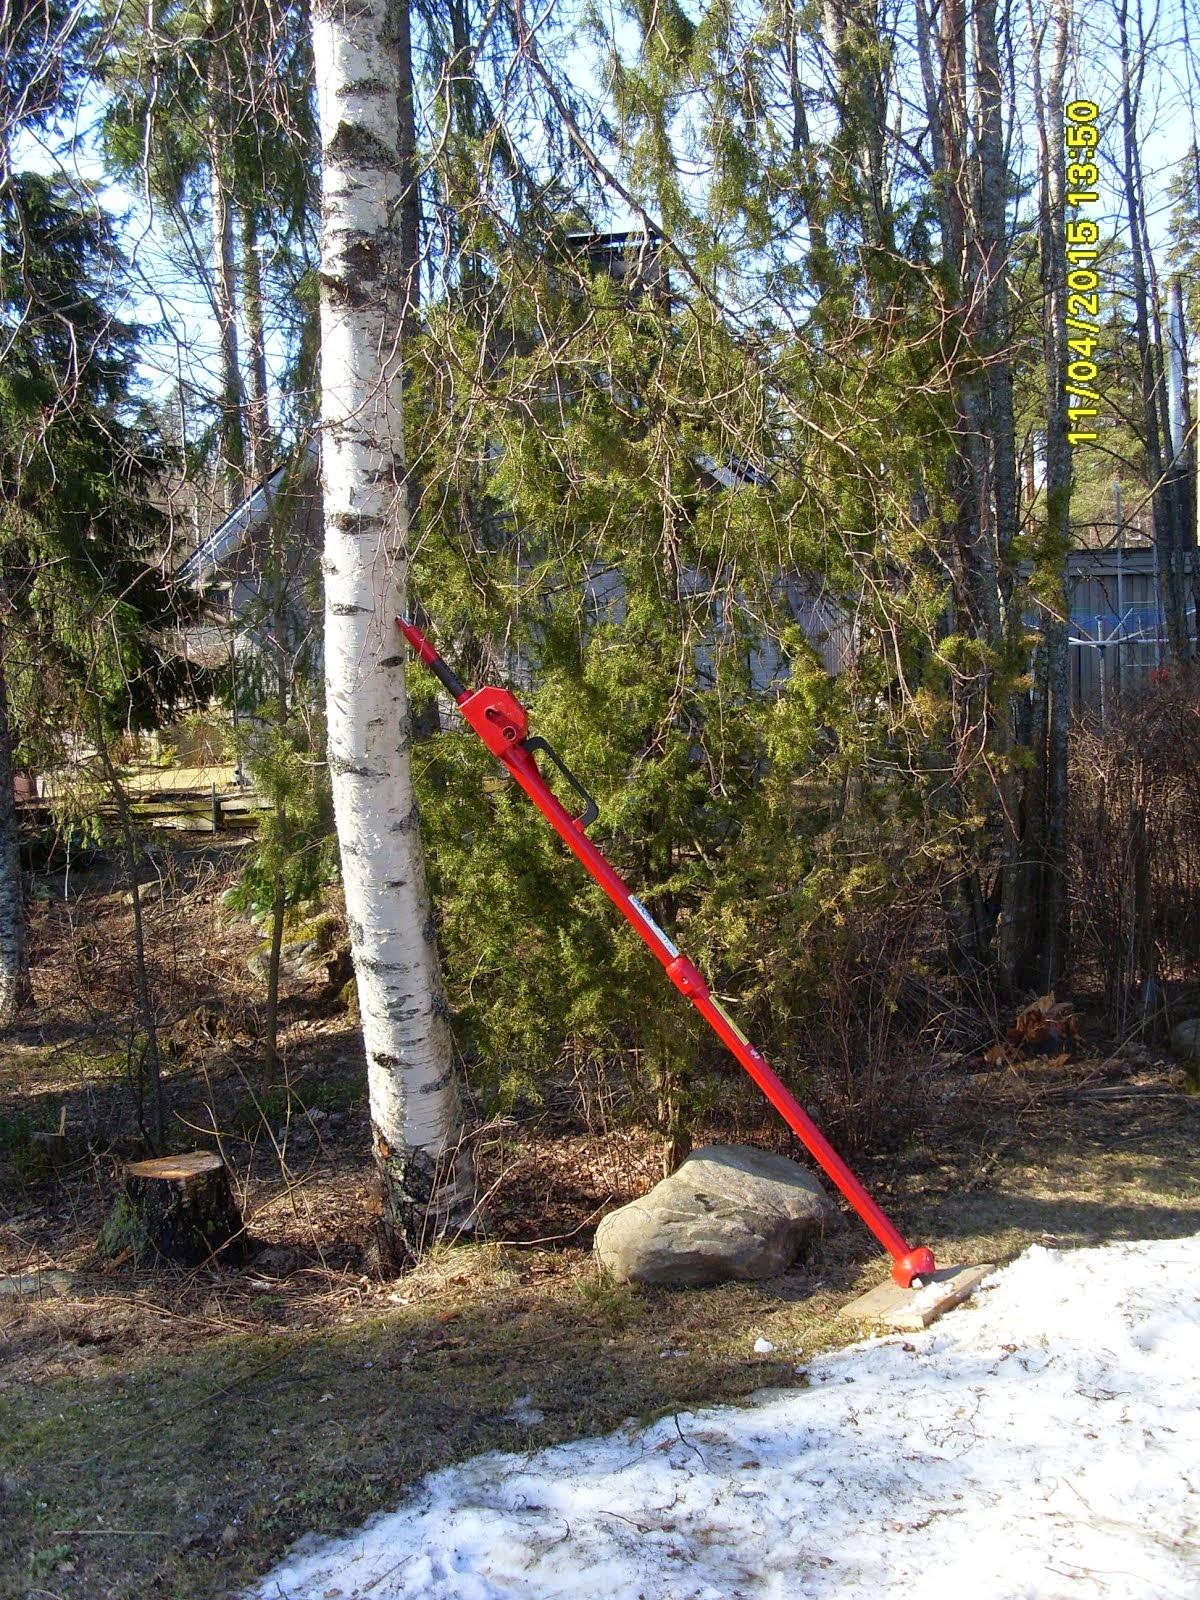 Pihakoivun kaato, pihapuiden kaadot Tampereen ja Pirkanmaan talousalueilla käteismaksulla